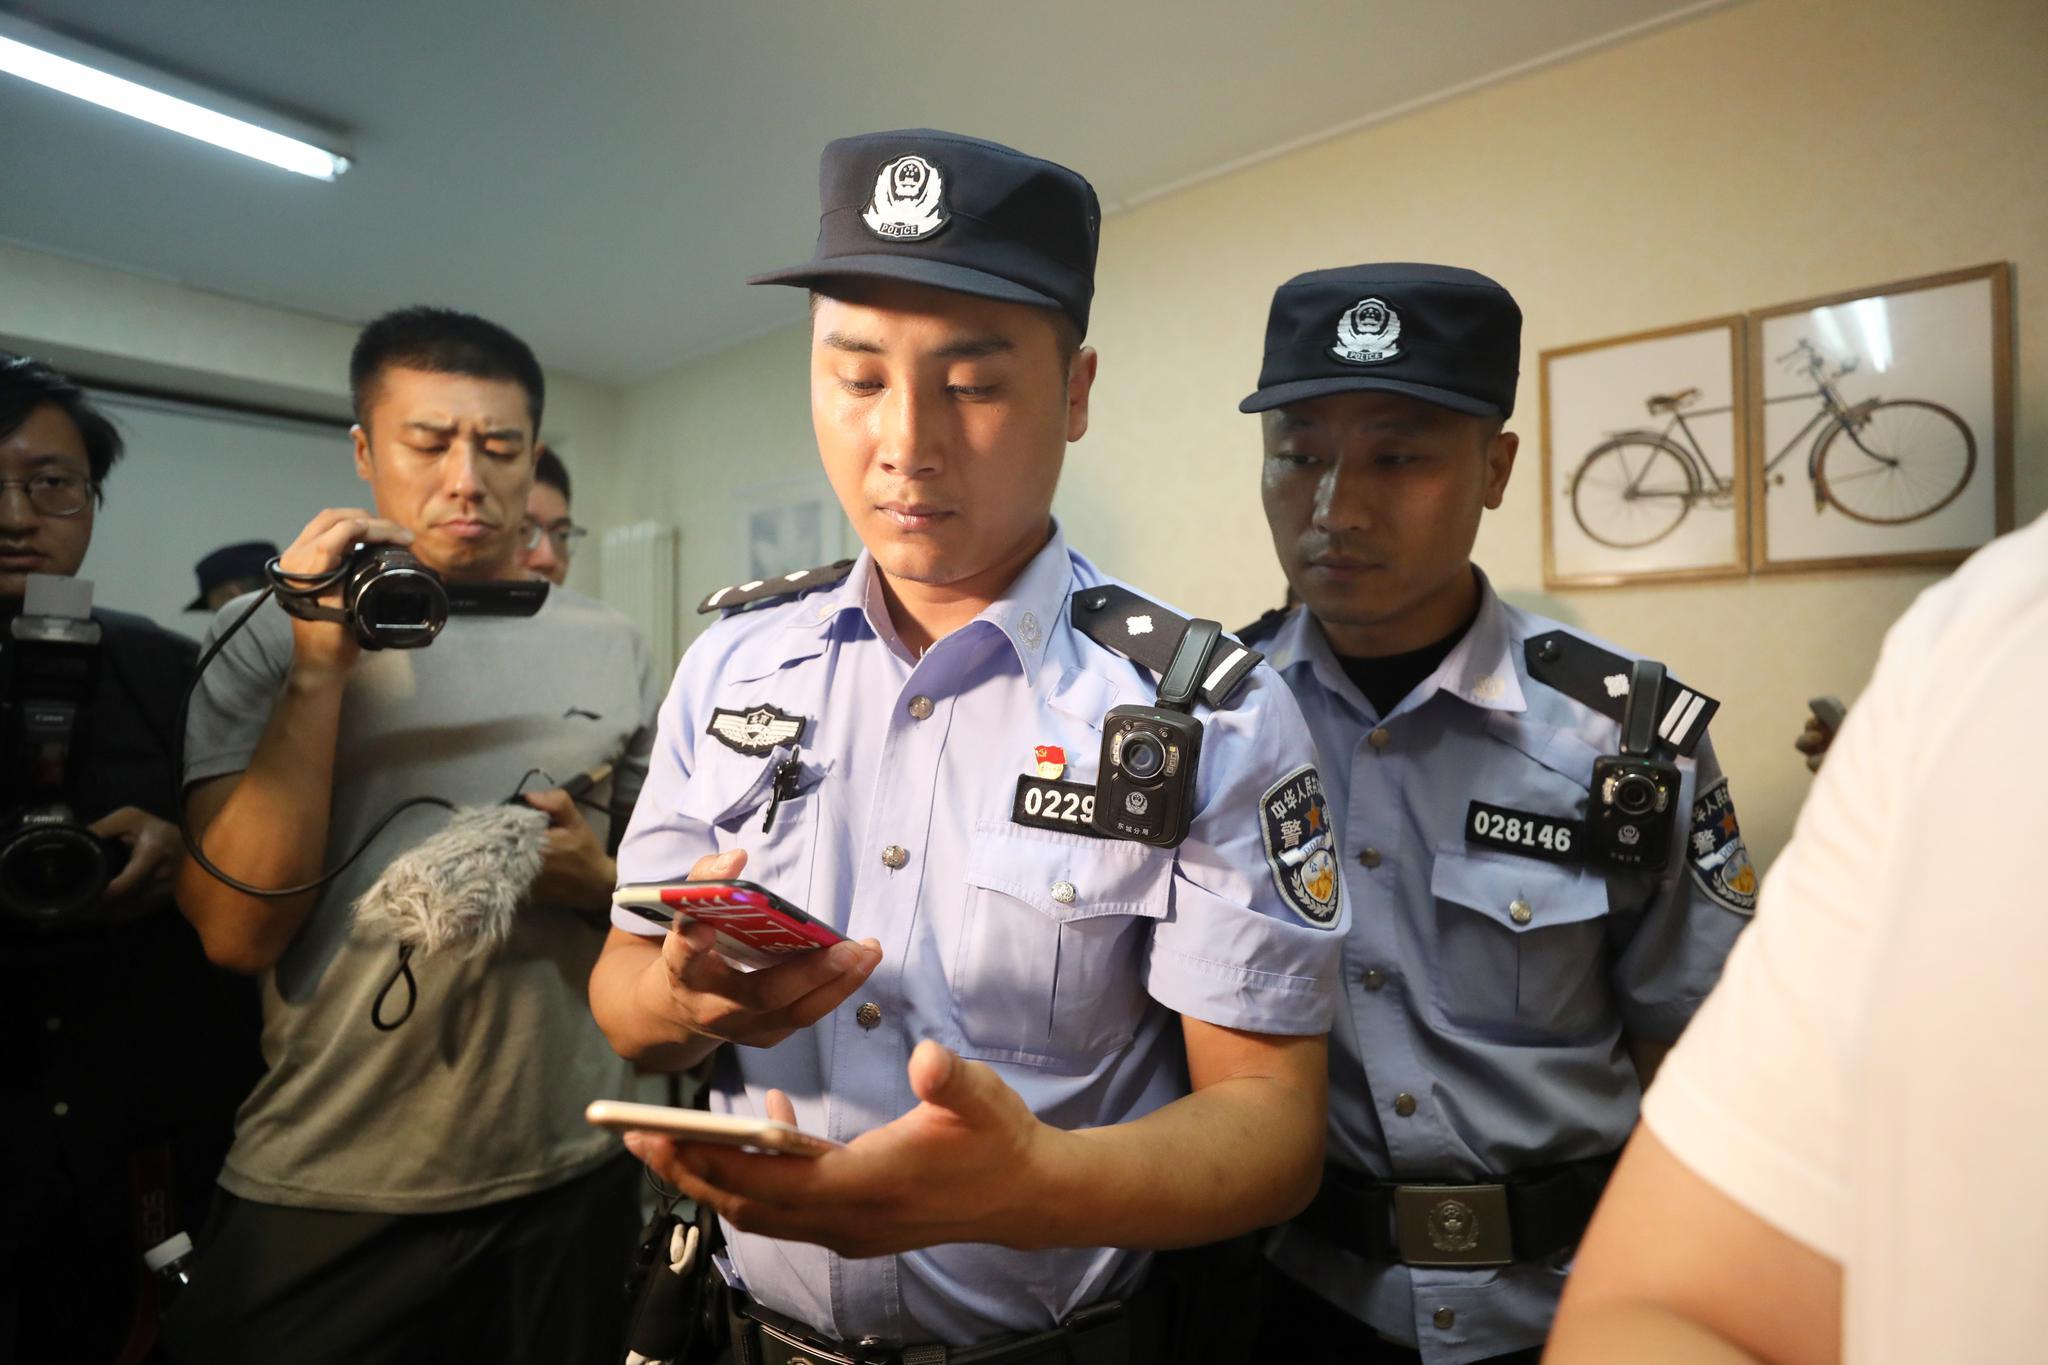 民警对住户信息进行核对。新京报记者 王飞 摄